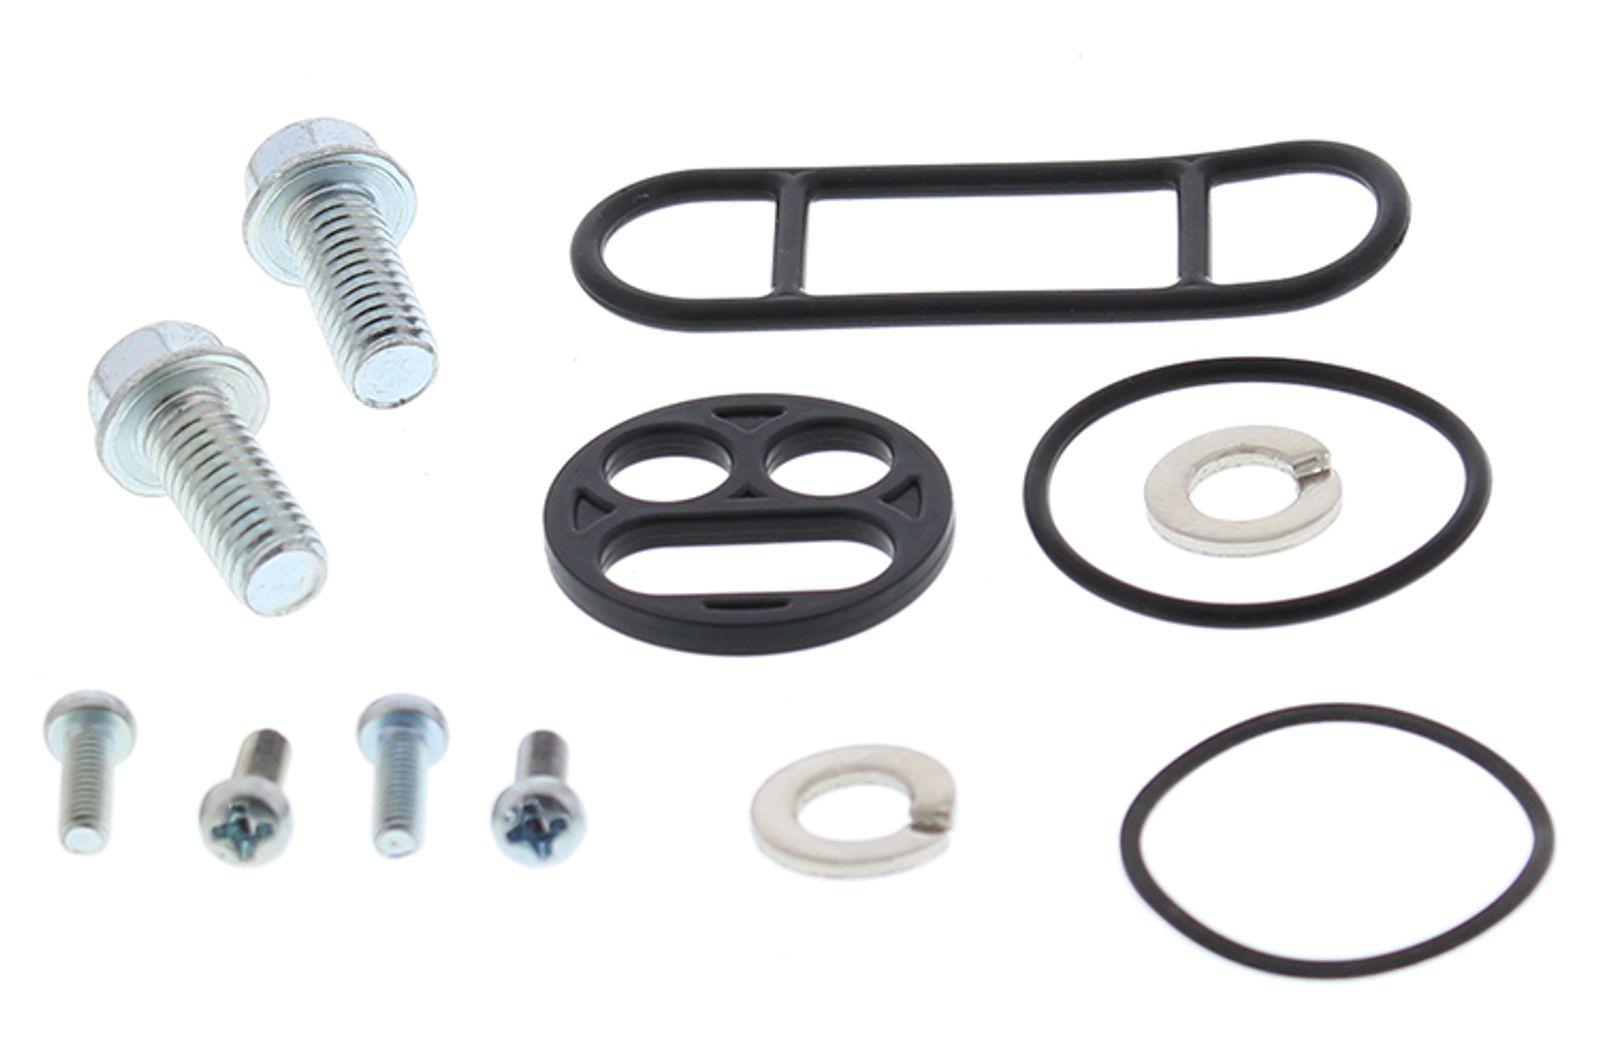 Wrp Fuel Tap Repair Kits - WRP601018 image